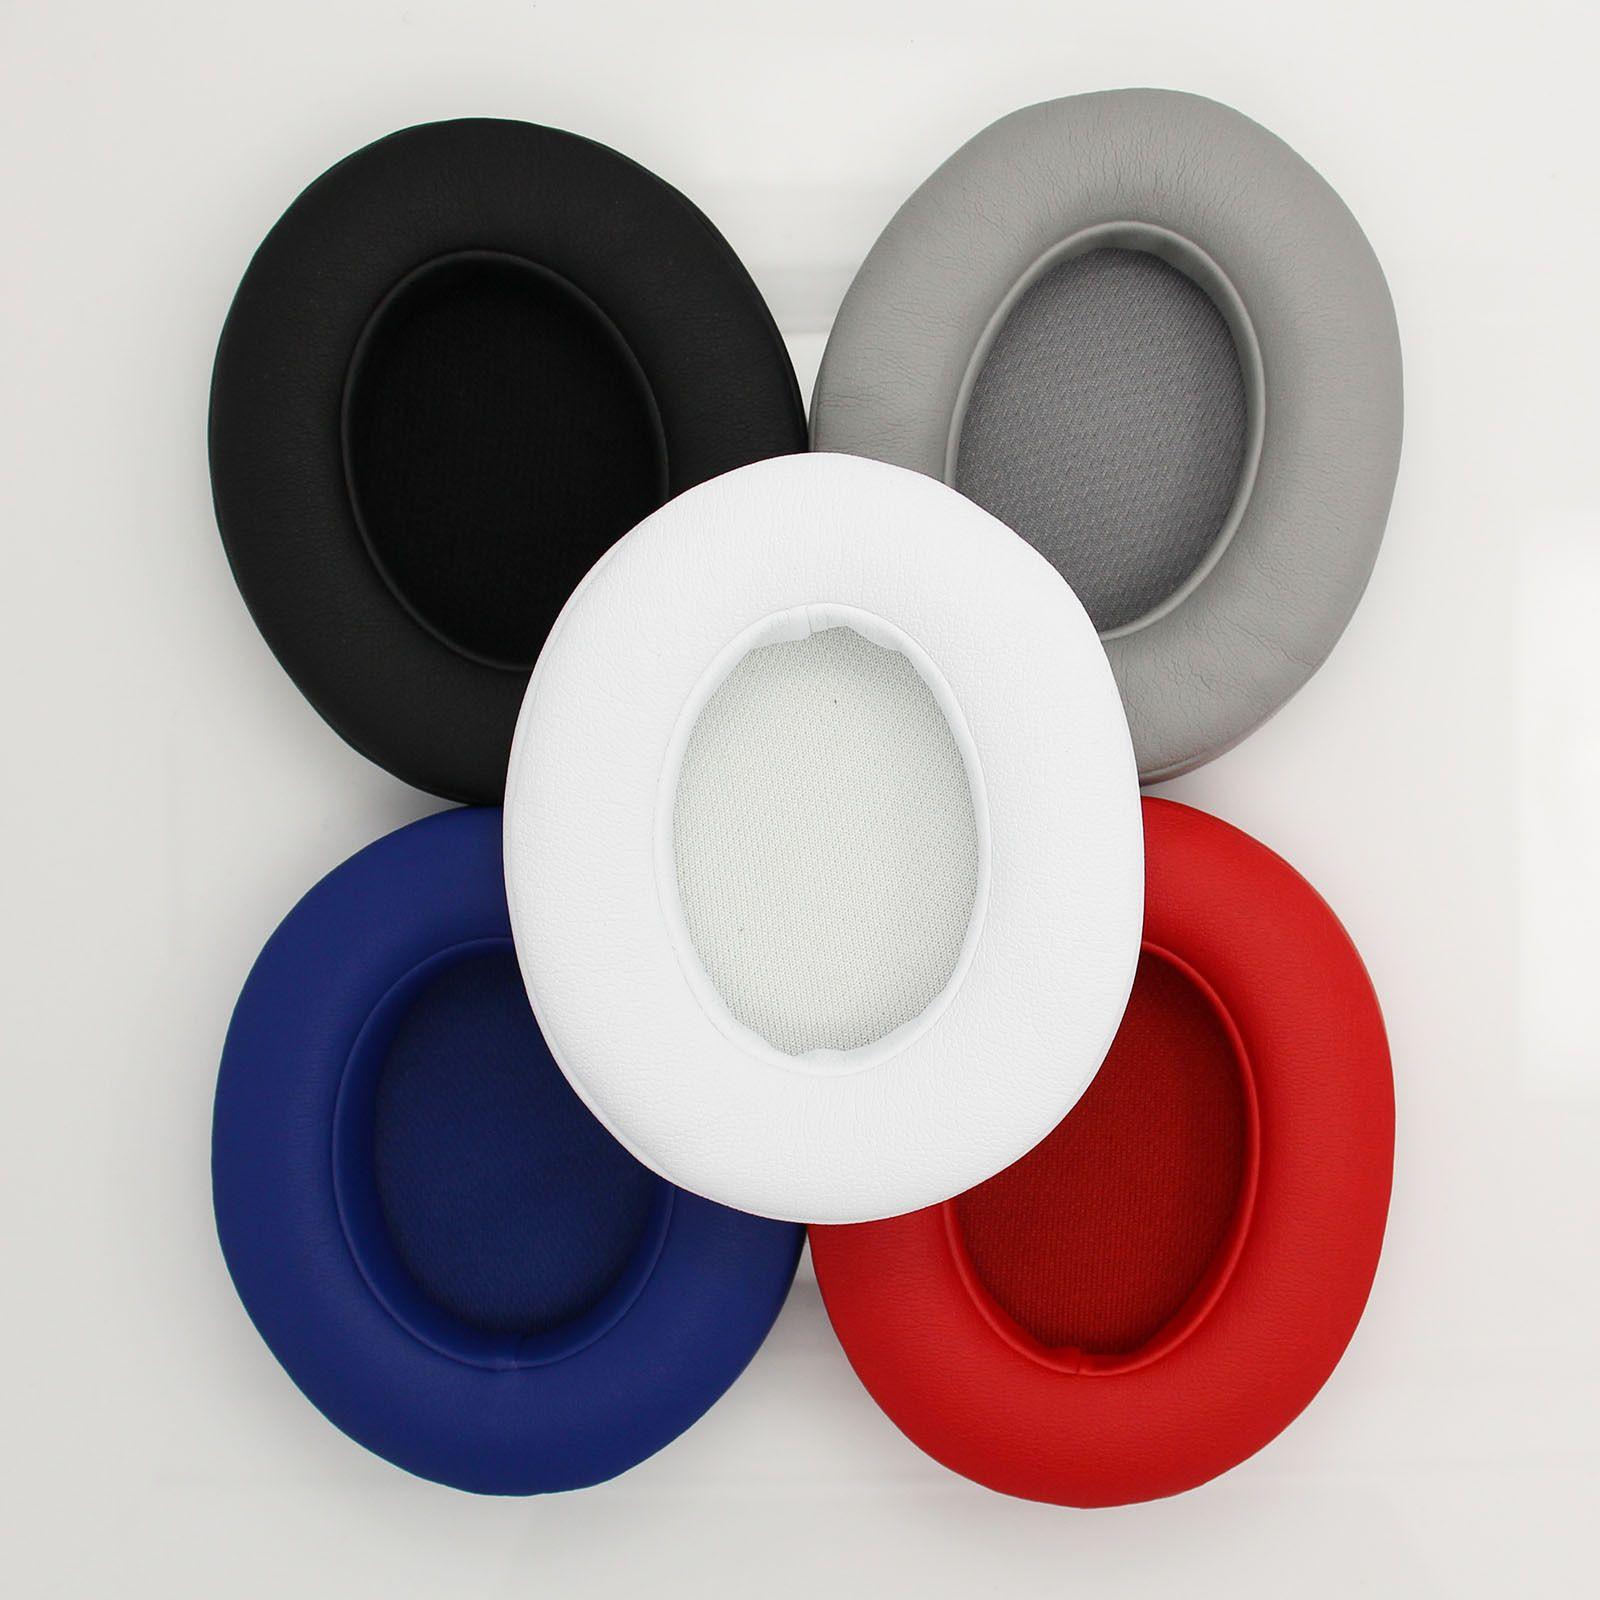 Reemplazo Diadema Cojín de oído para Studio 2.0 Auriculares inalámbricos Auriculares Auriculares Esponja Ea Pad Espuma suave Cojines de oído Auriculares Cubierta